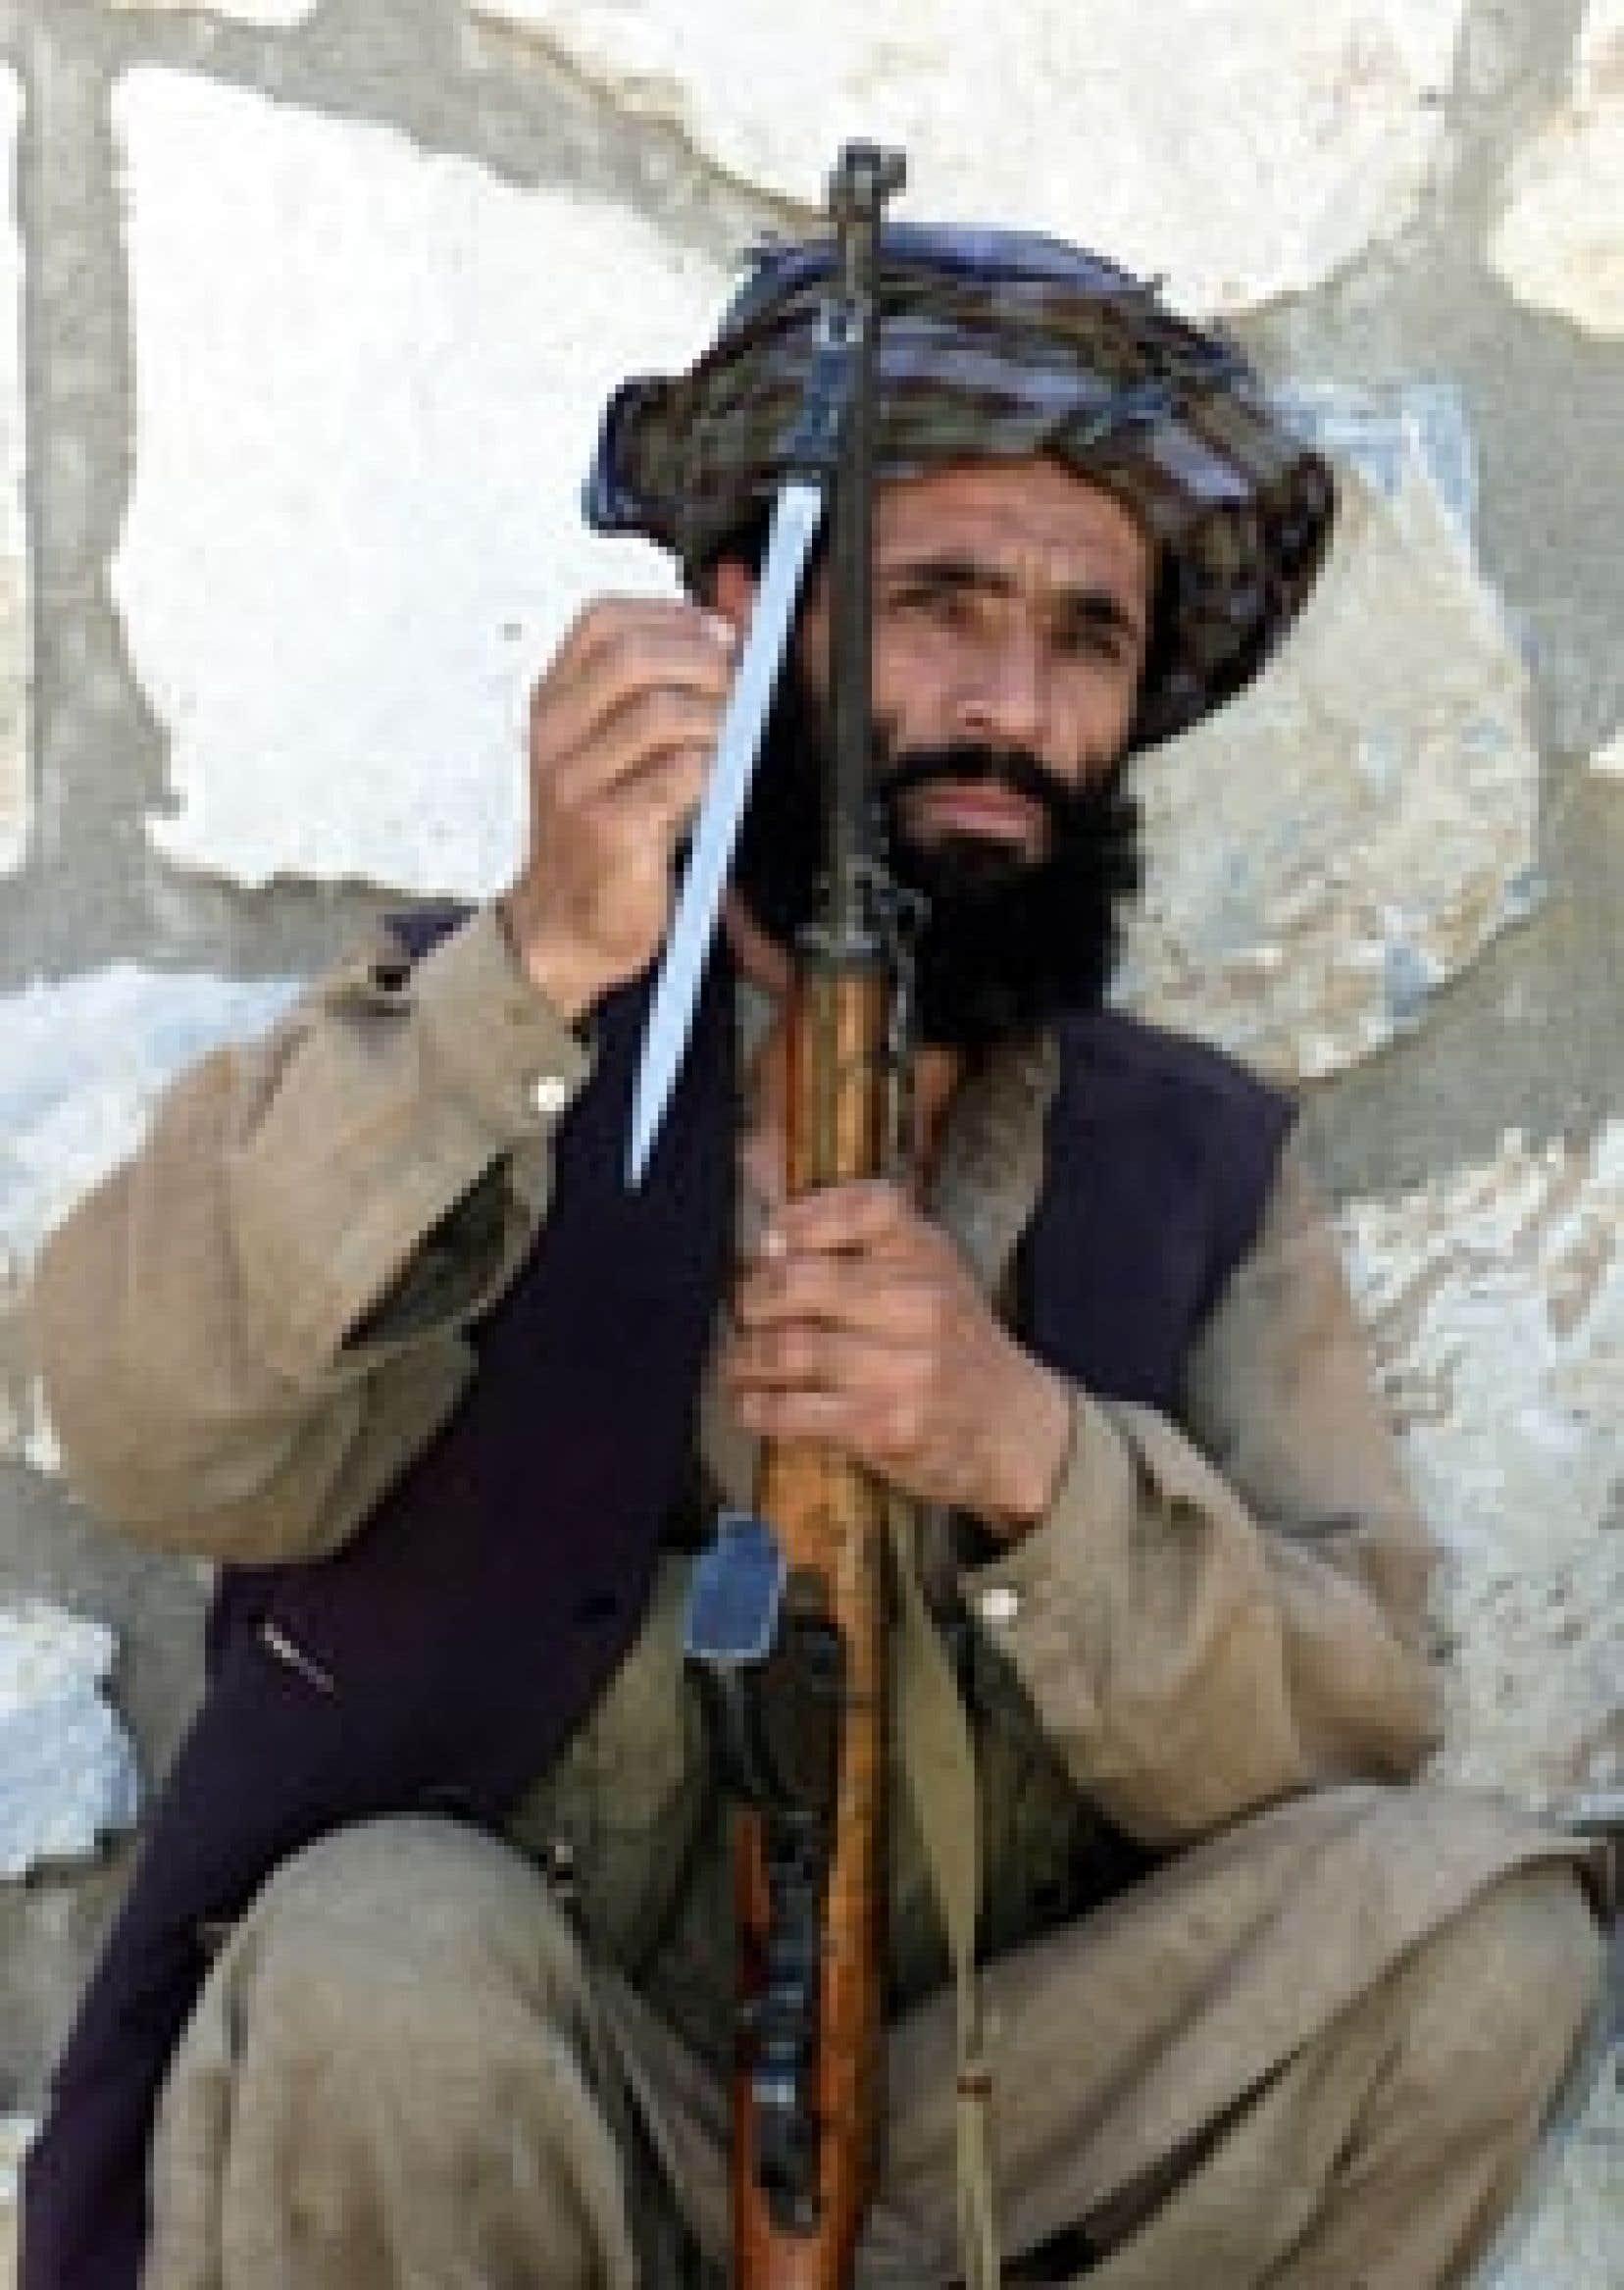 Réfugiés au Pakistan depuis l'intervention américaine qui a renversé leur régime, les talibans, aujourd'hui fatigués, de moins en moins nombreux, seraient prêts à déposer les armes et à retourner dans leurs villages.